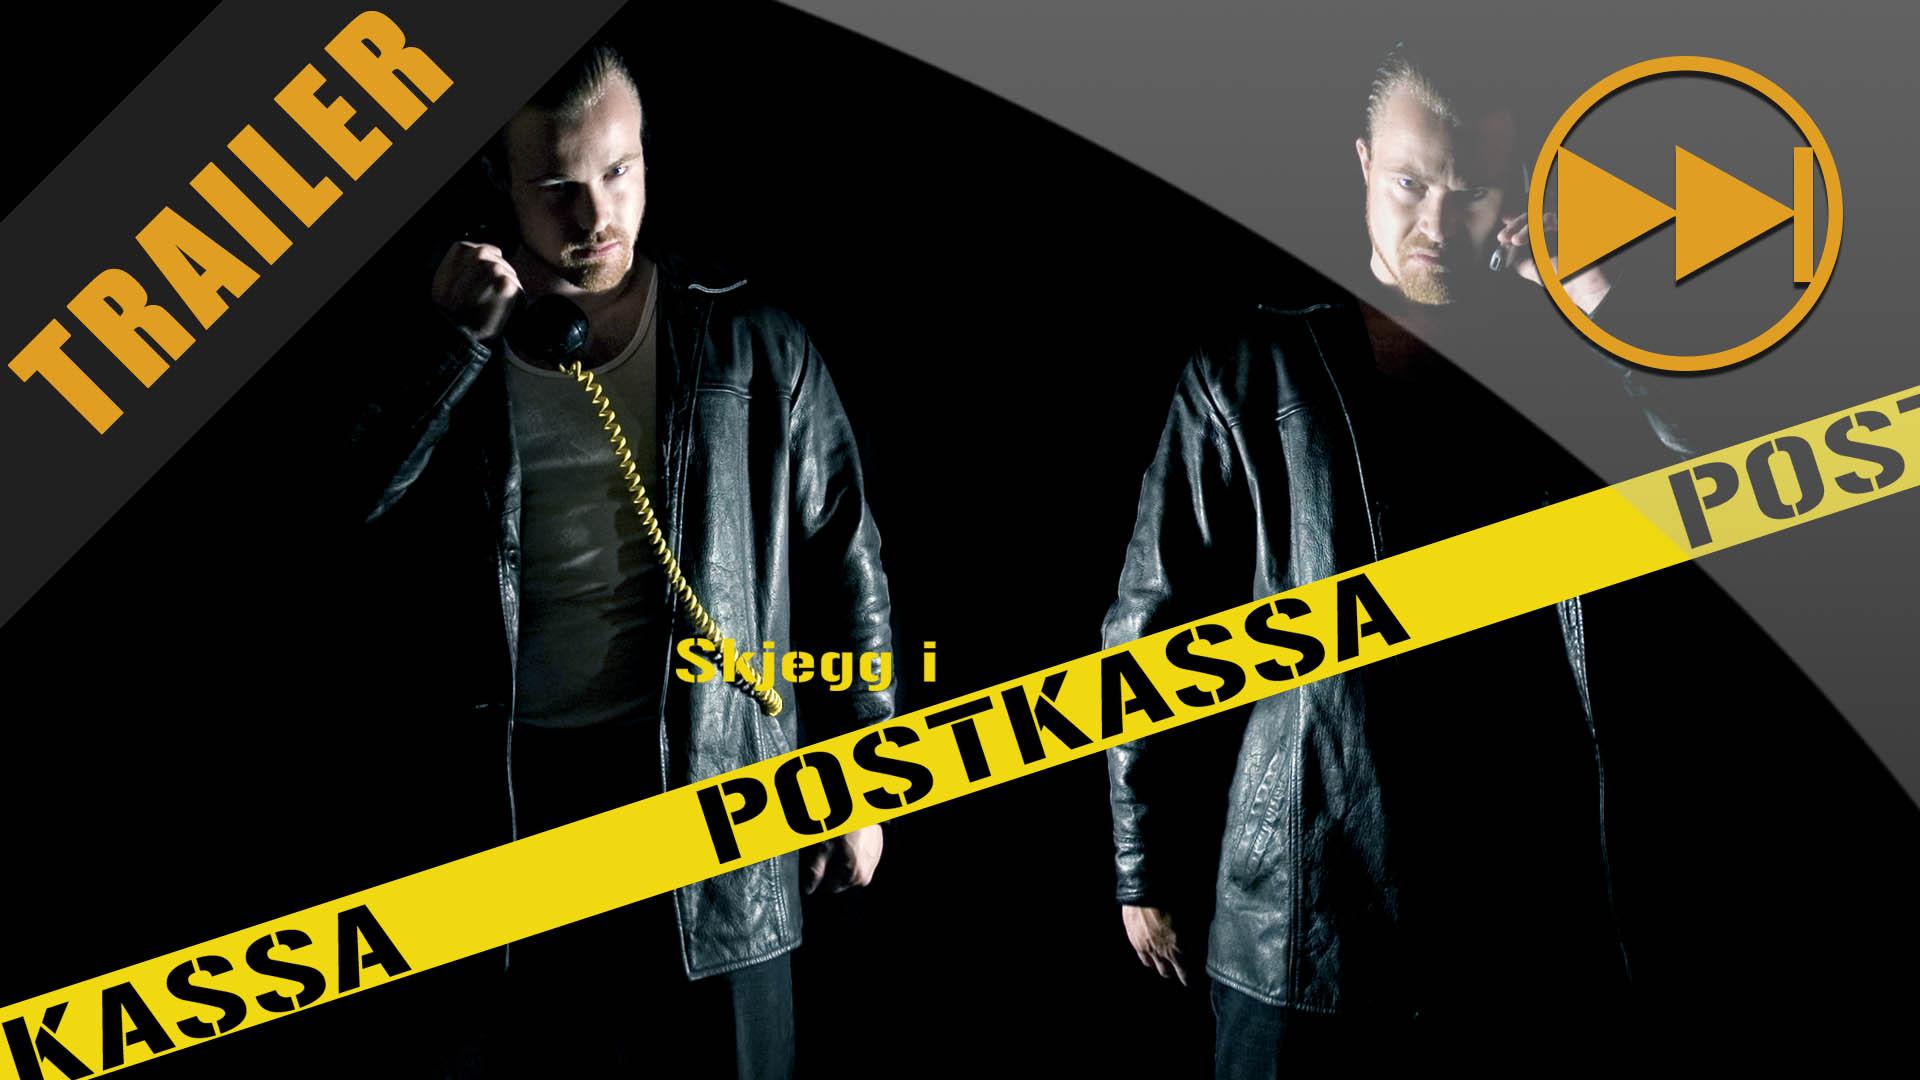 Skjegg i Postkassa: Trailer